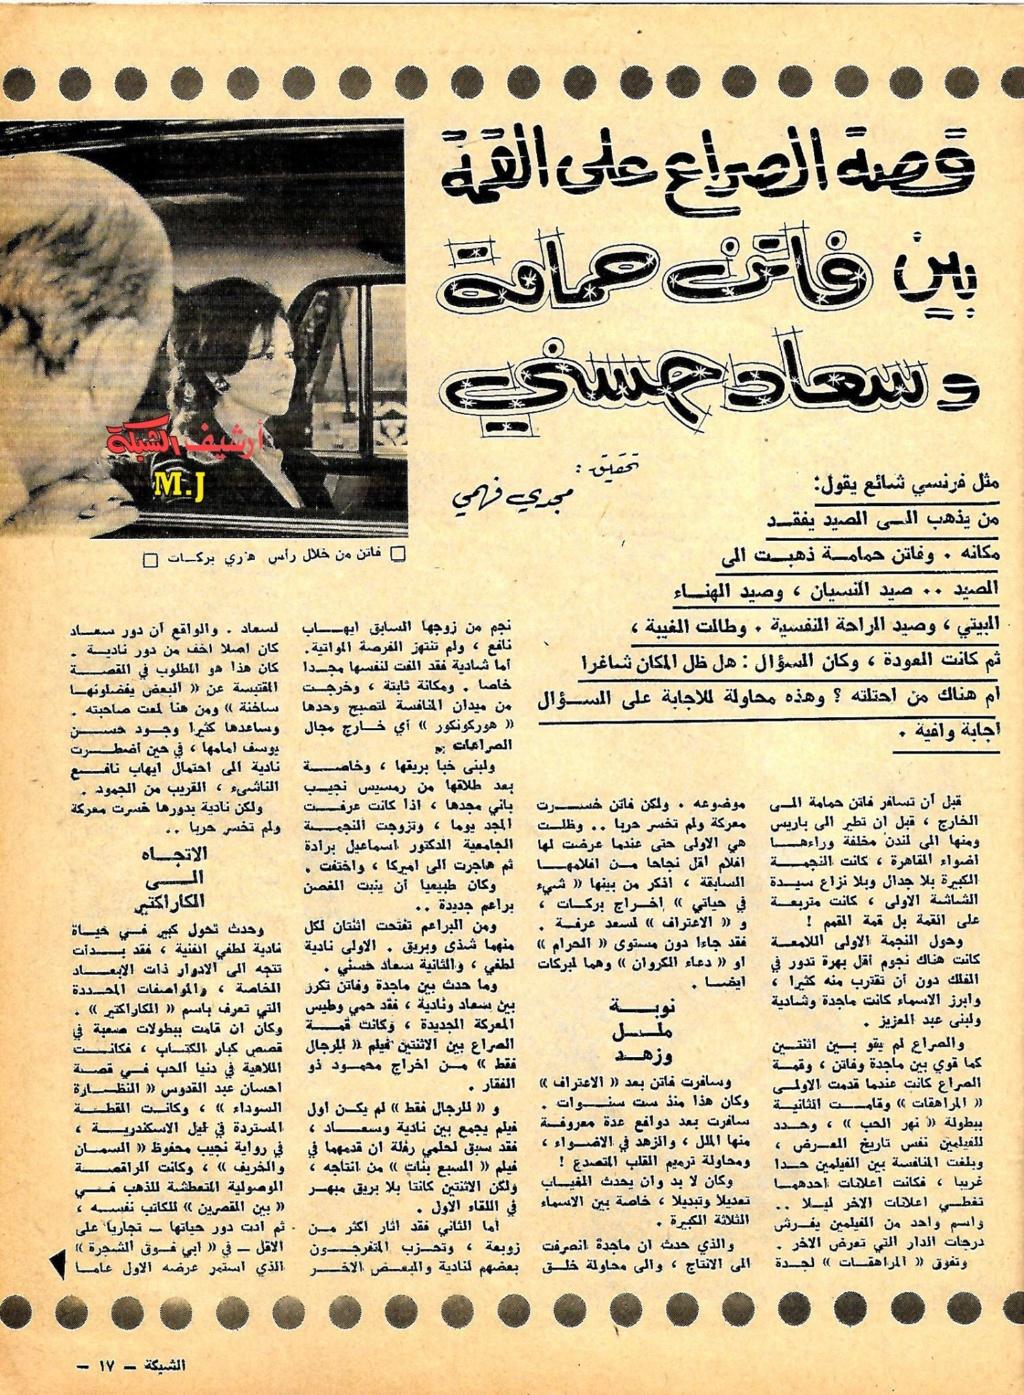 مقال - مقال صحفي : قصة الصراع على القمة بين فاتن حمامة وسعاد حسني 1970 م 215